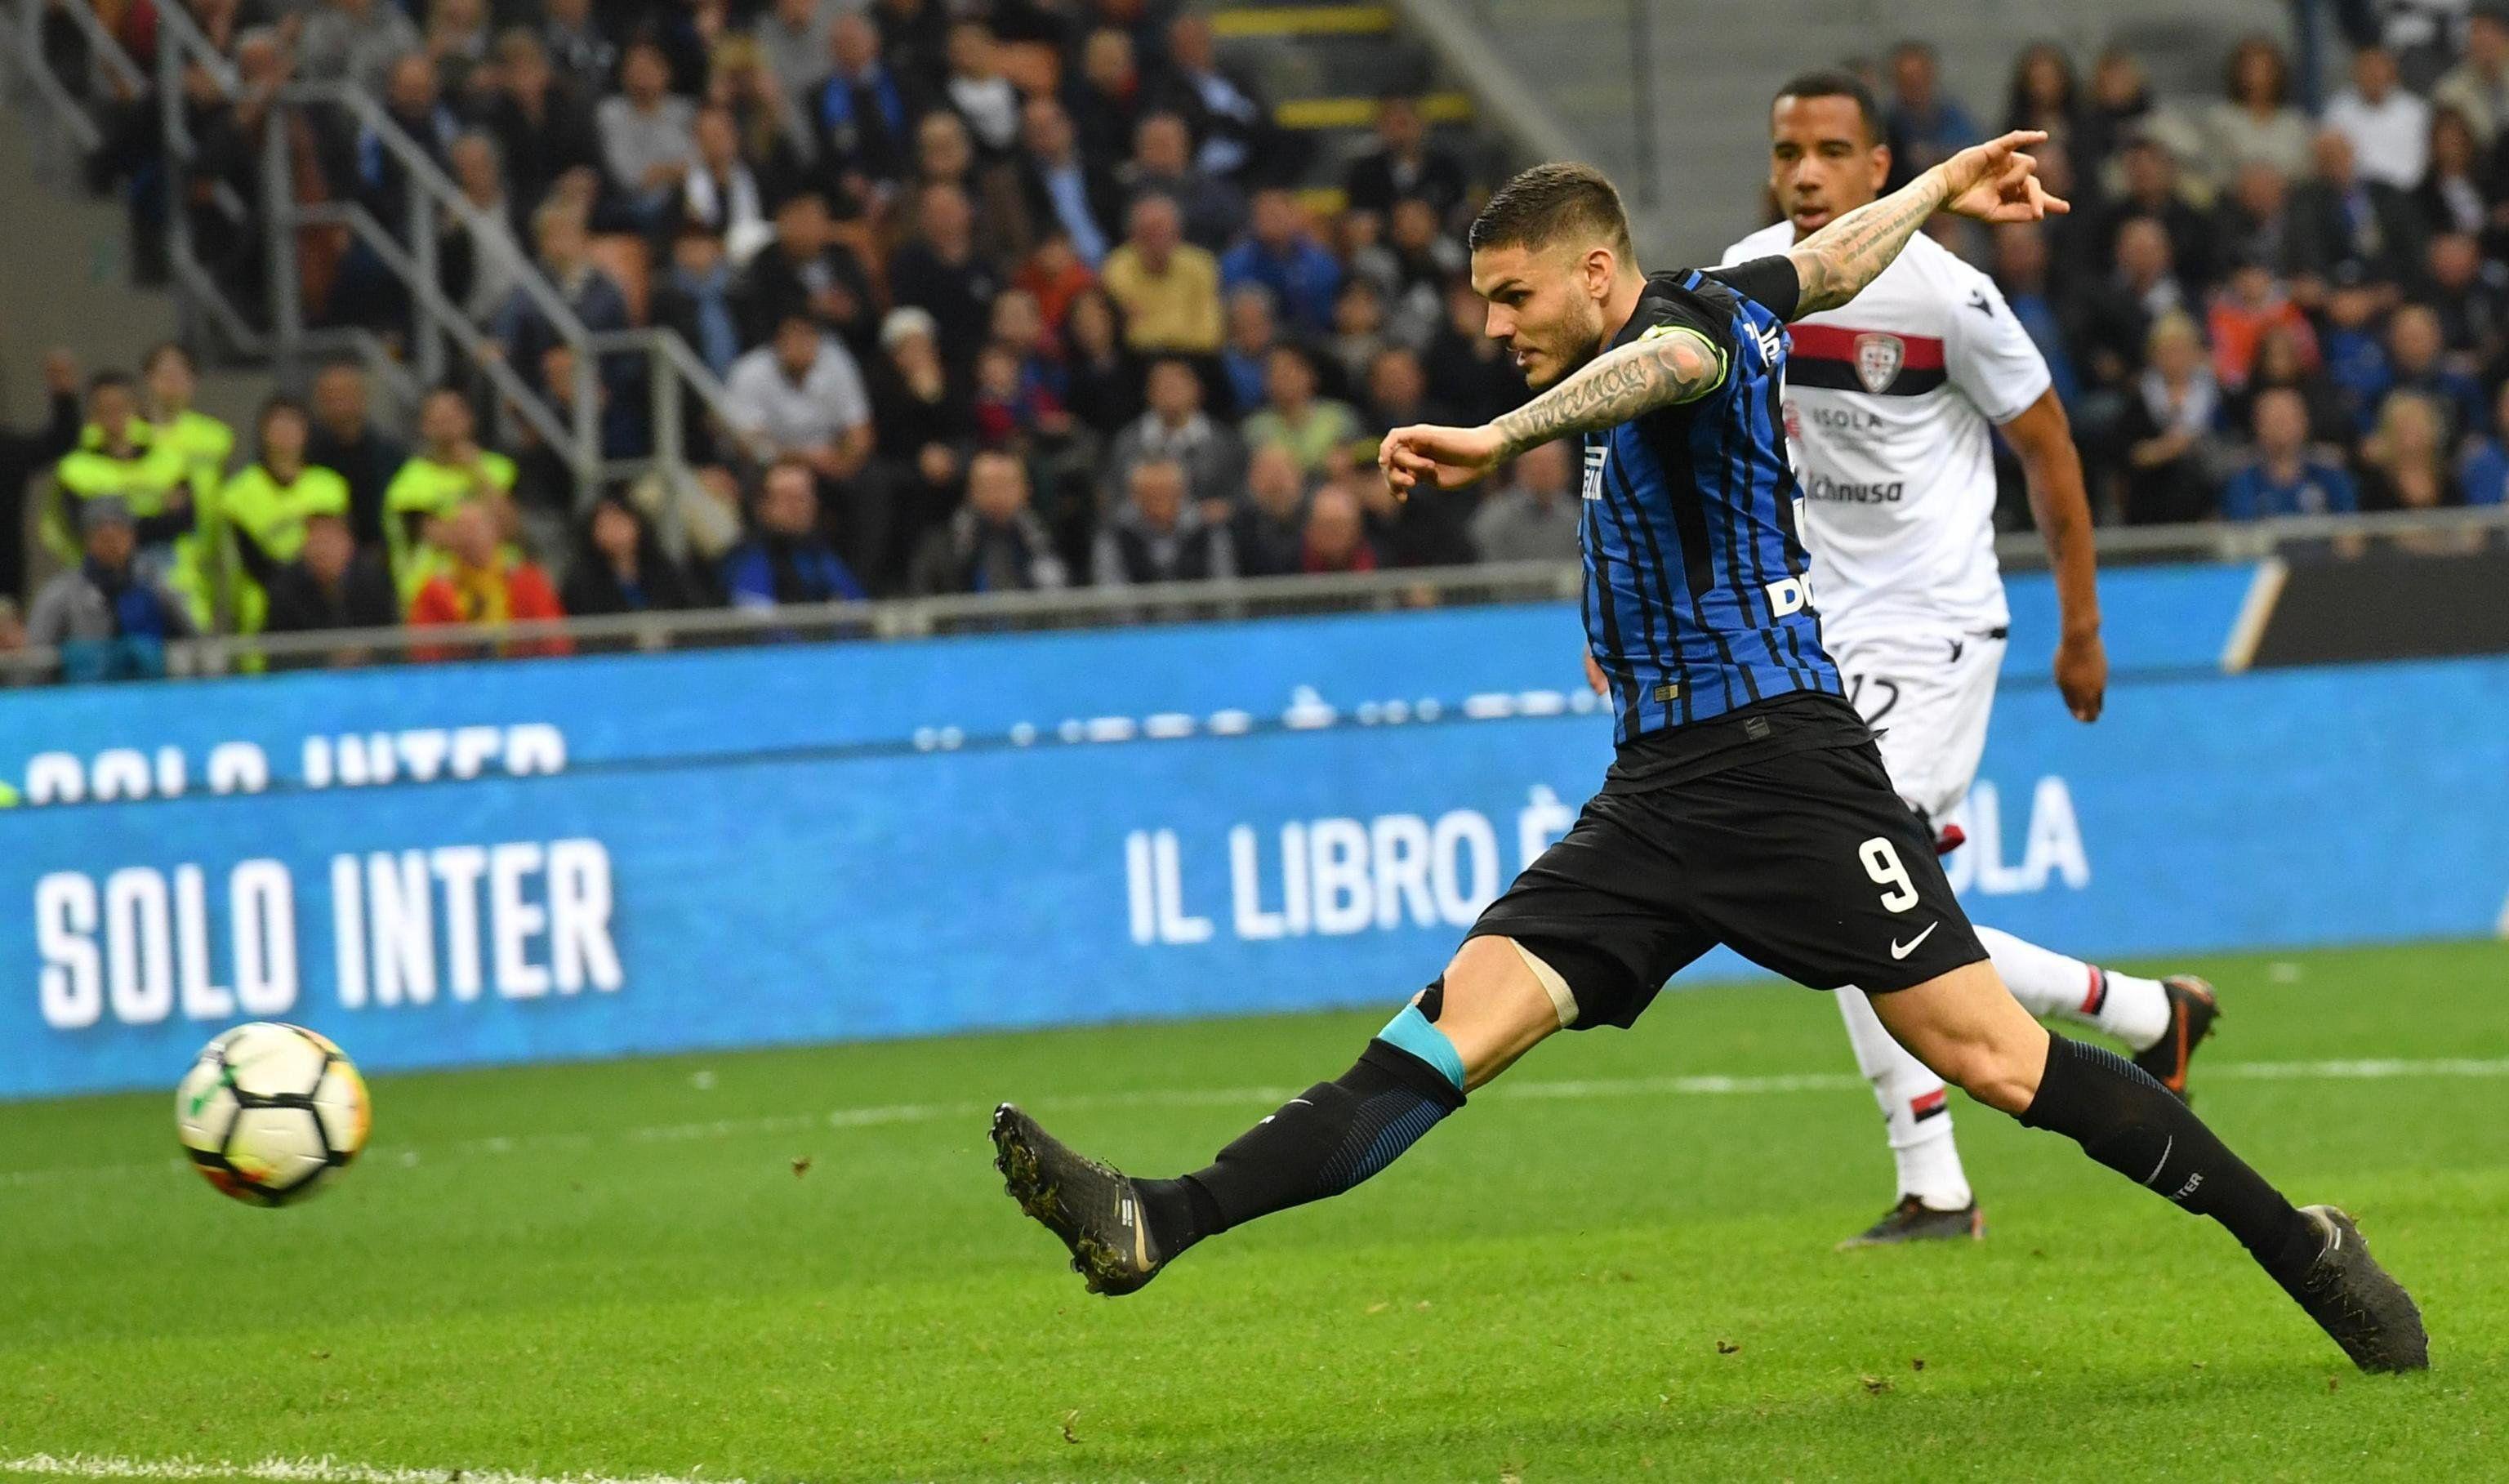 Icardi llegó a los 25 goles en la Serie A, la mejor marca de su carrera